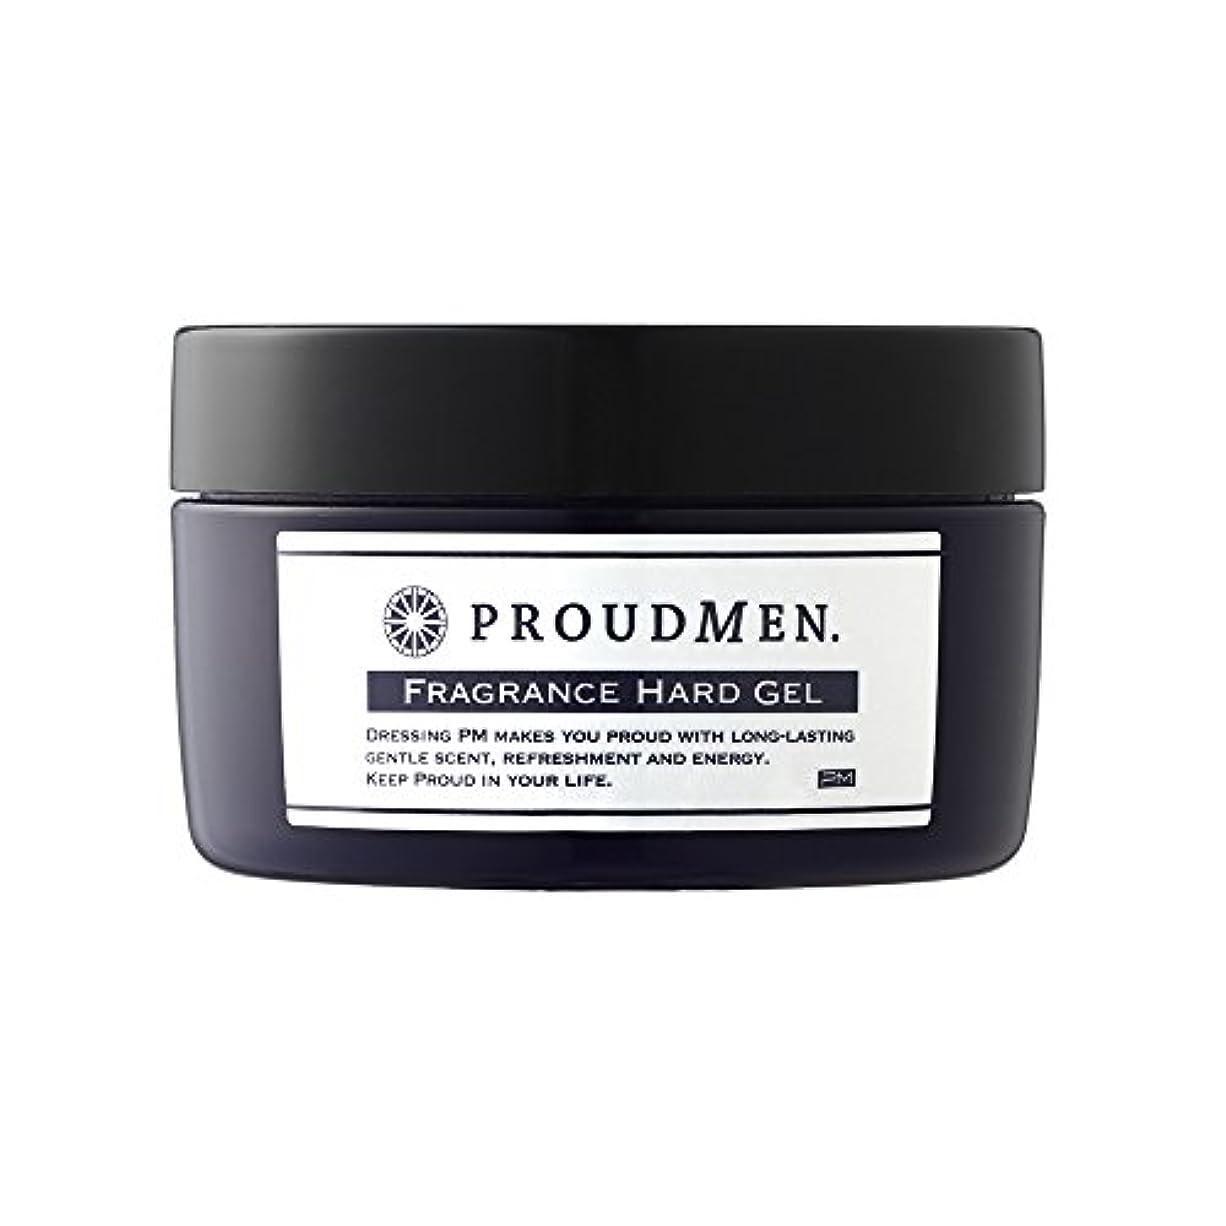 抑制侵入する可聴プラウドメン フレグランスハードジェル 90g 整髪料 スタイリング剤 ヘアジェル